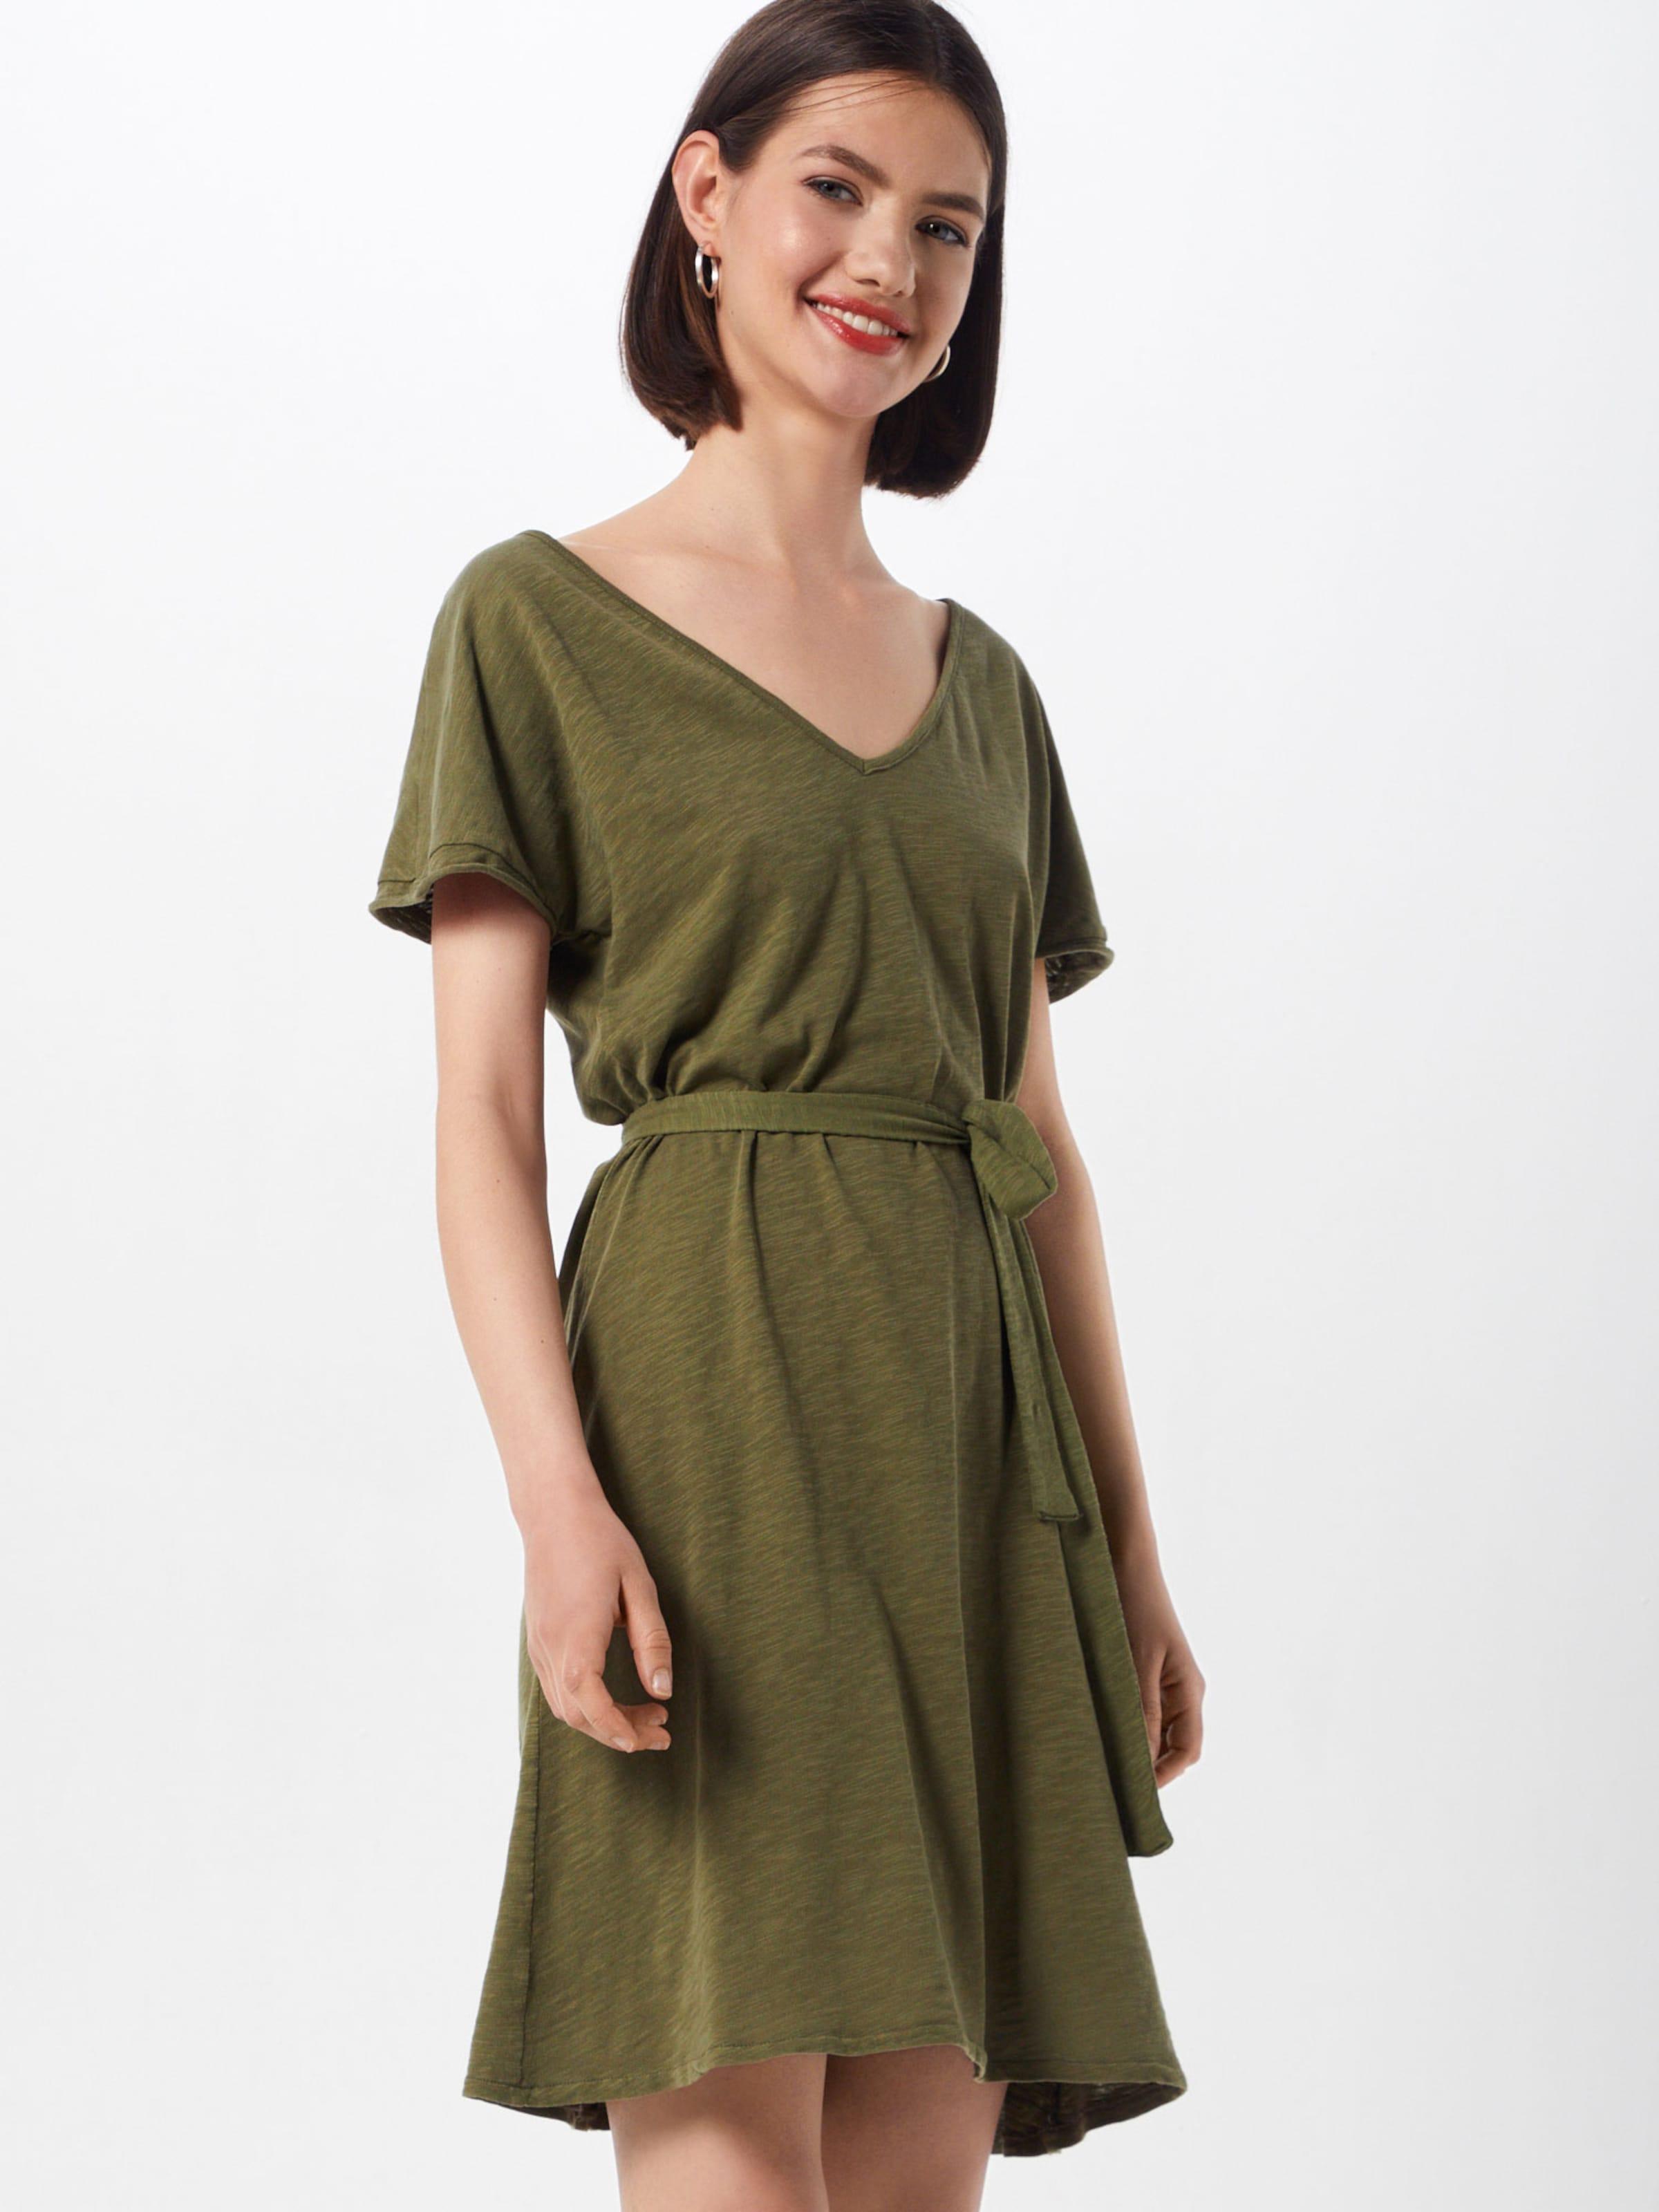 Foncé Robe Vintage American Vert En 7IgYbvf6y